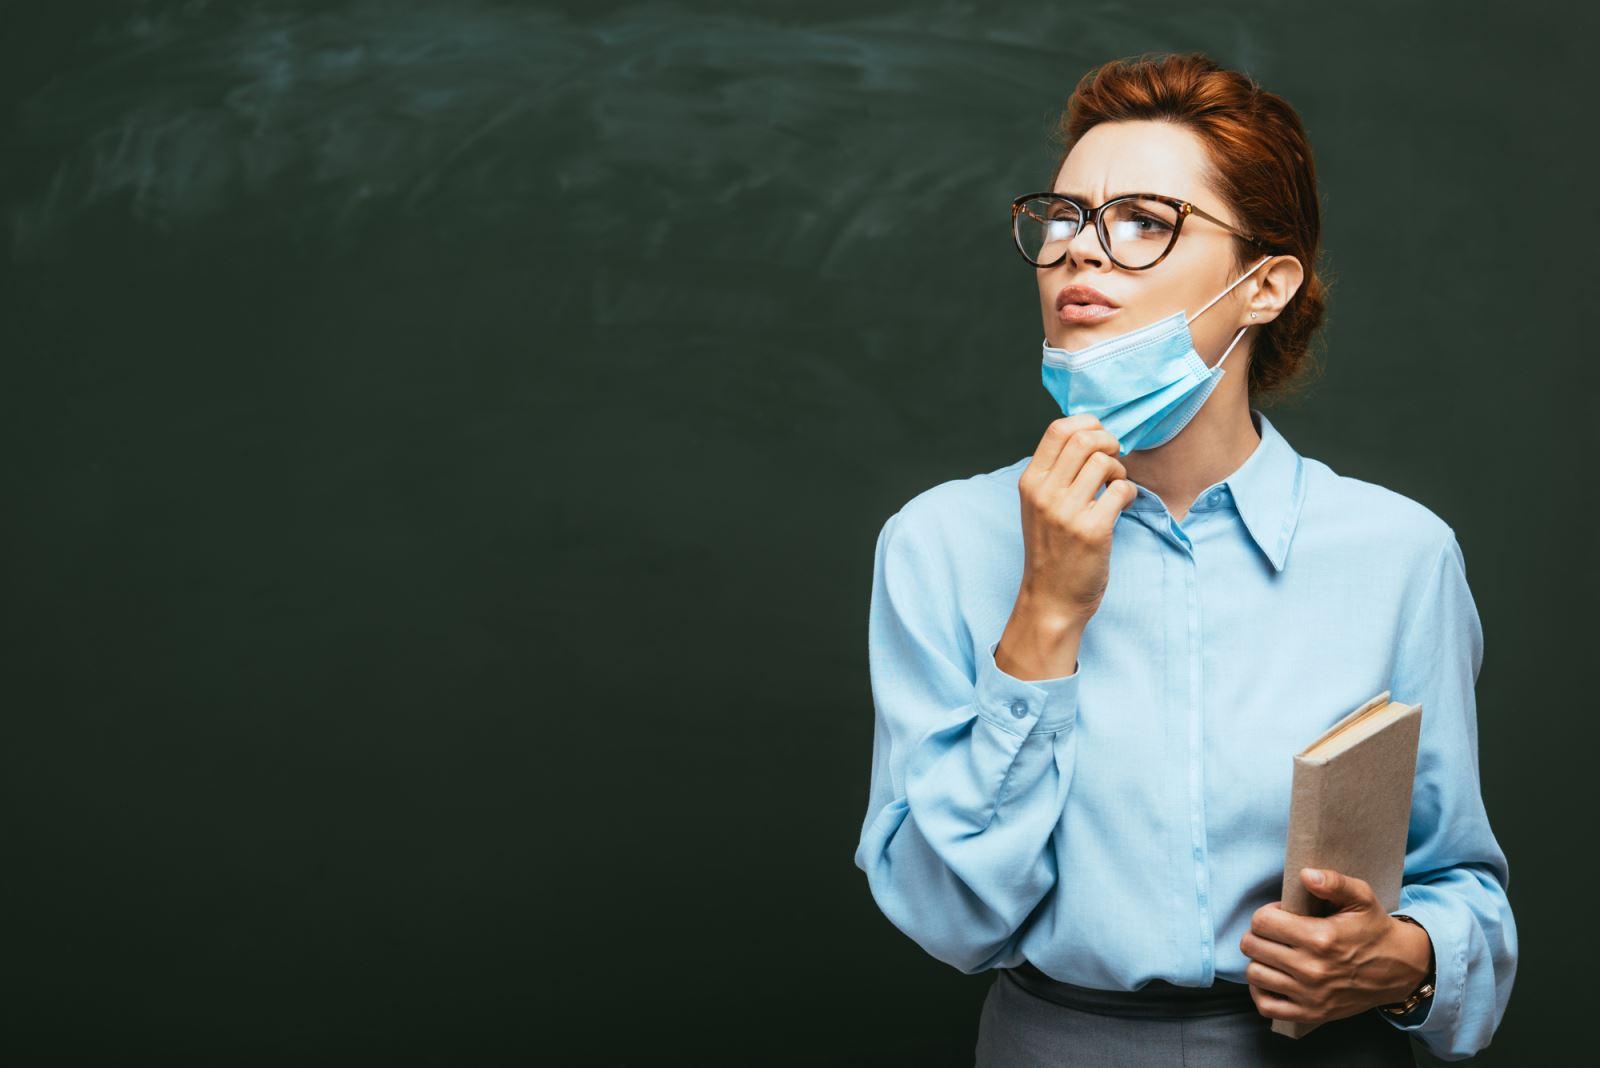 בית הדין לעבודה בבאר שבע דחה את בקשתה של מורה מאילת ללמד ללא מסכה